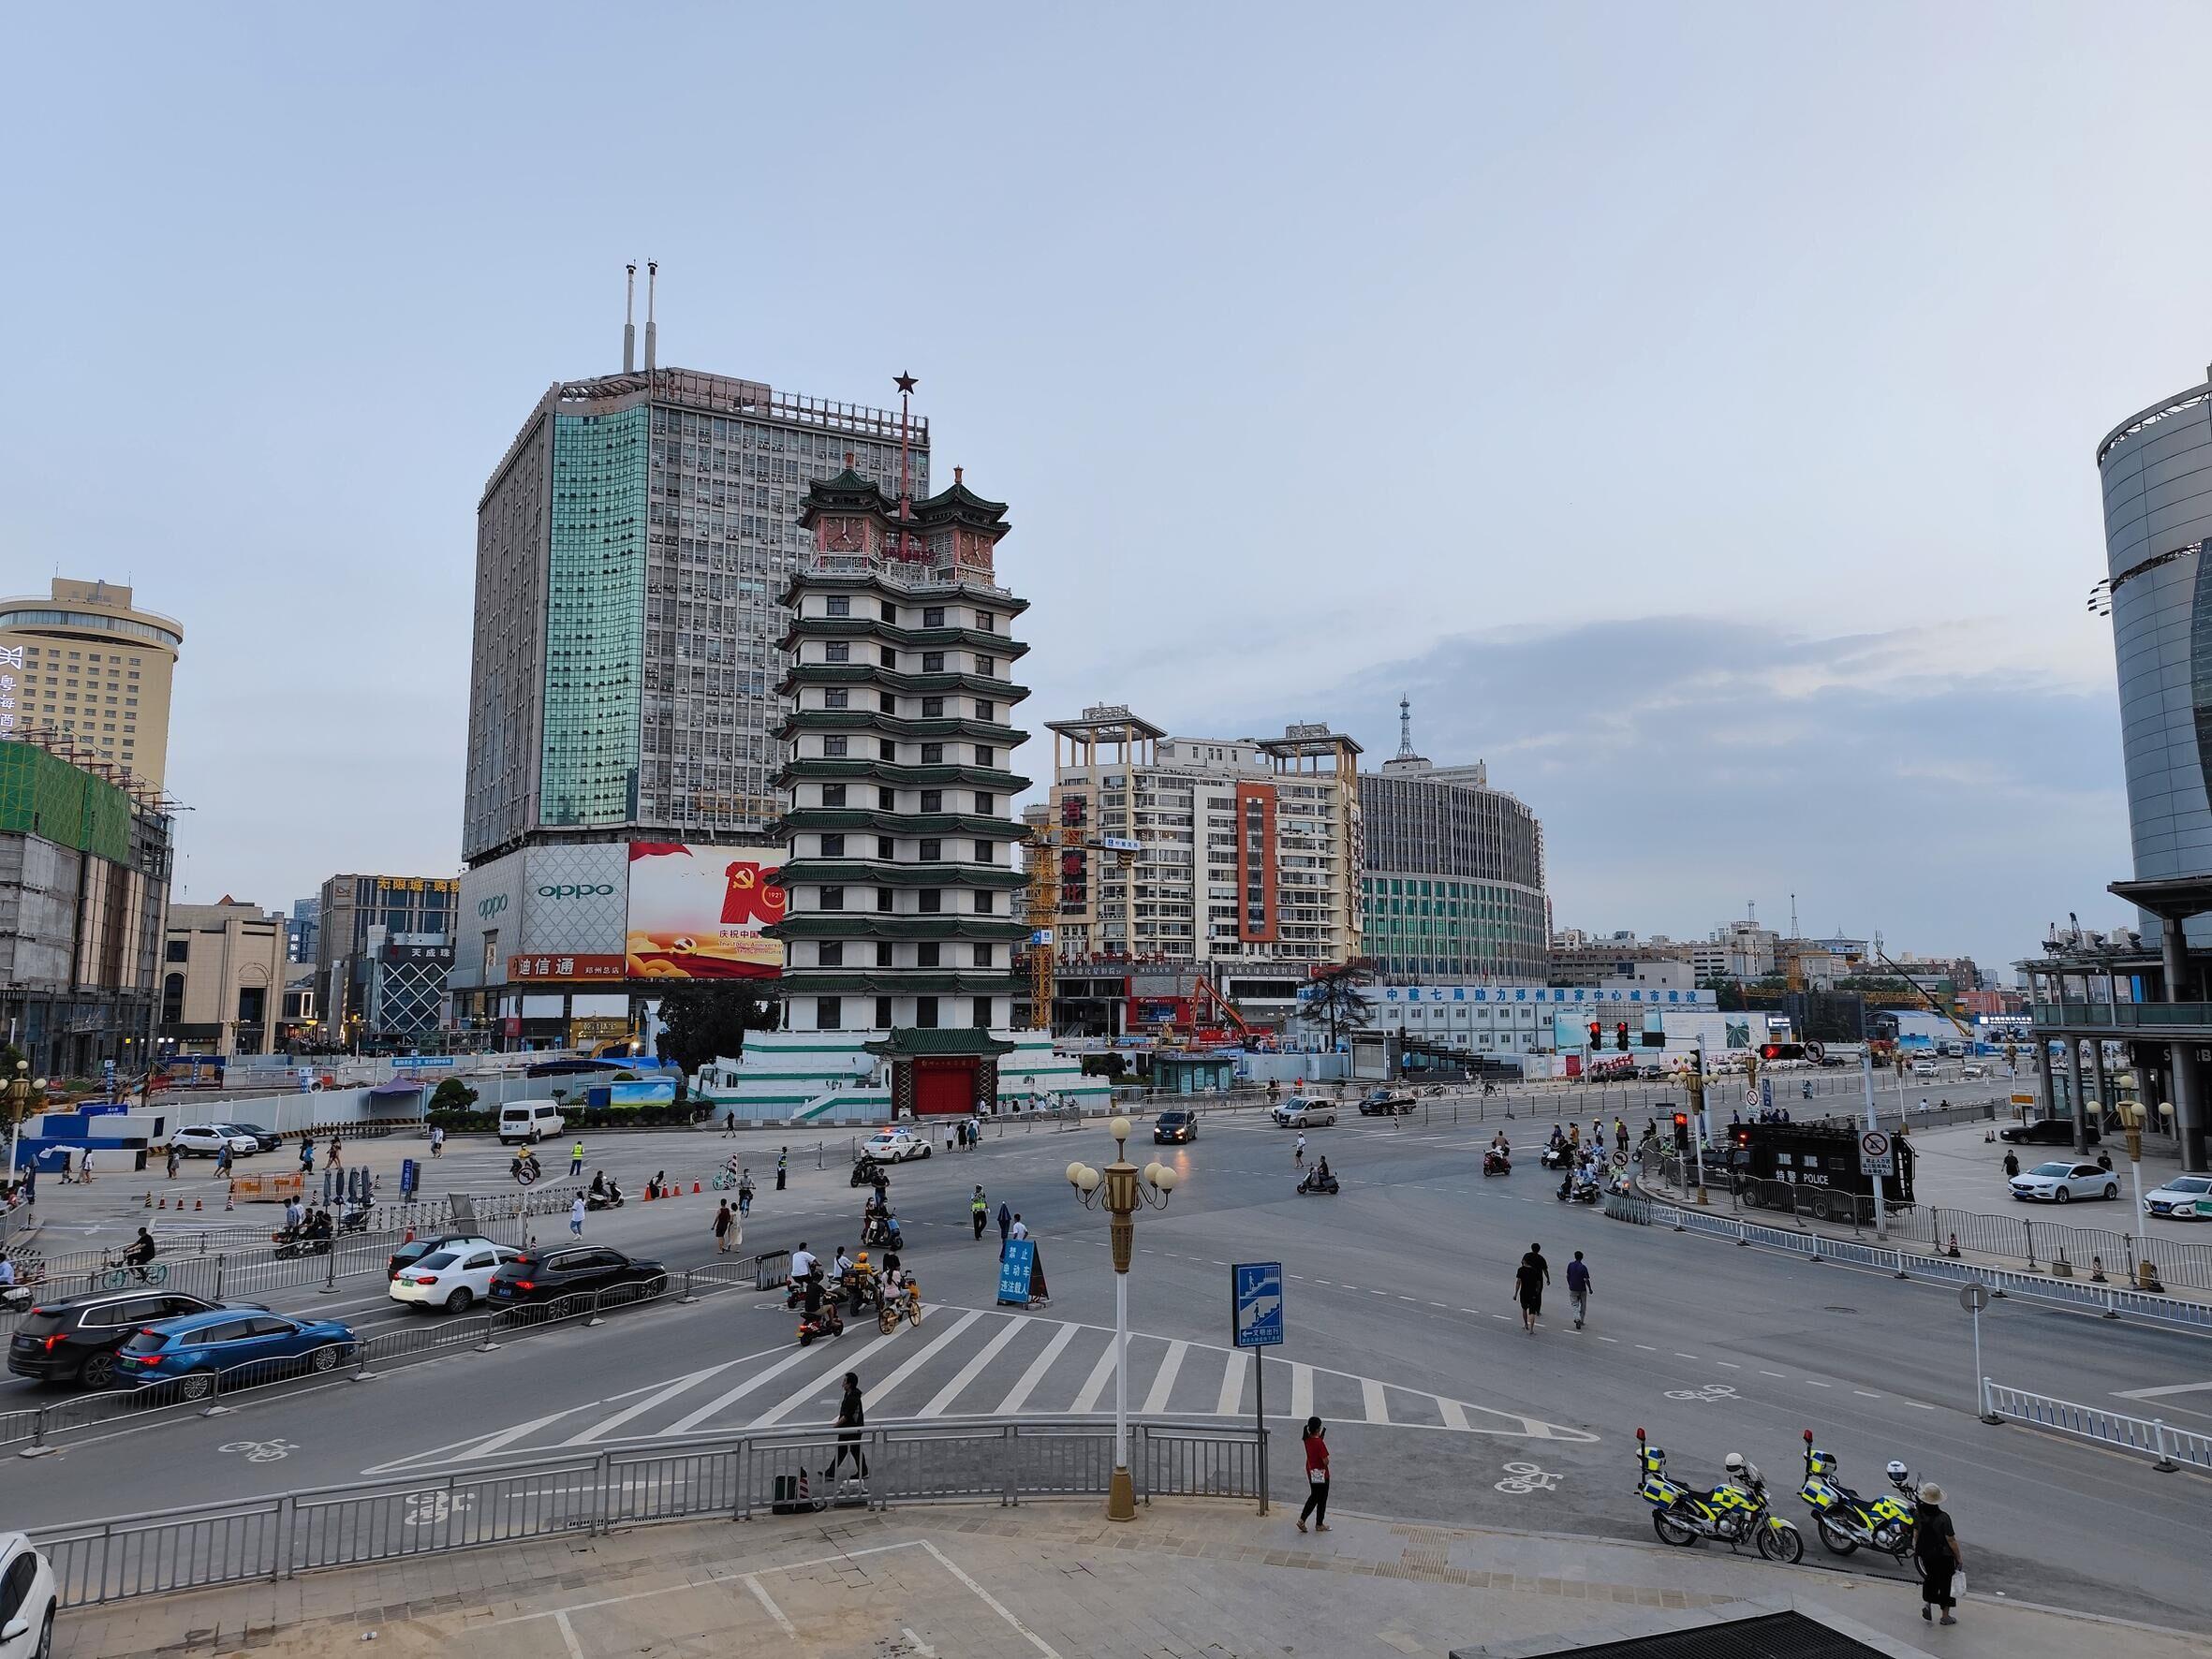 7月26日,郑州二七广场周边道路人车稀少,商场停业。    人民视觉图